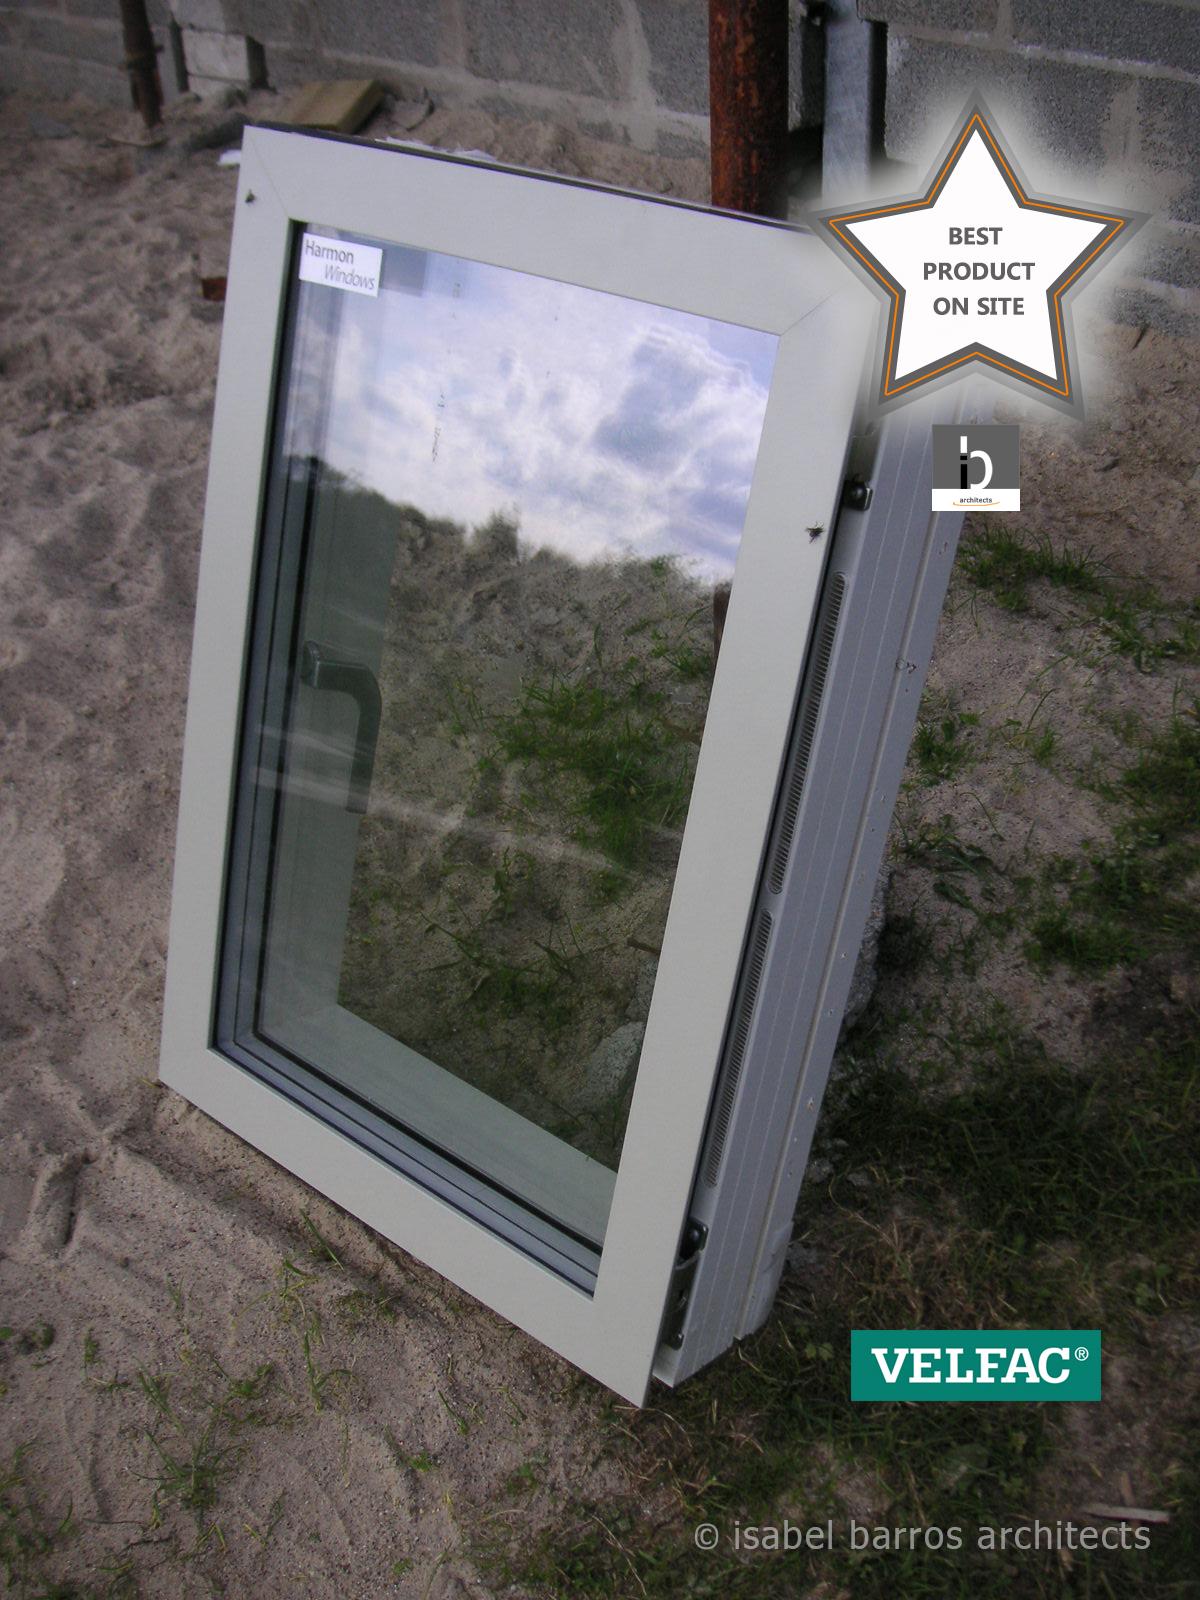 Harmon Windows, Velfac Alu-Clad